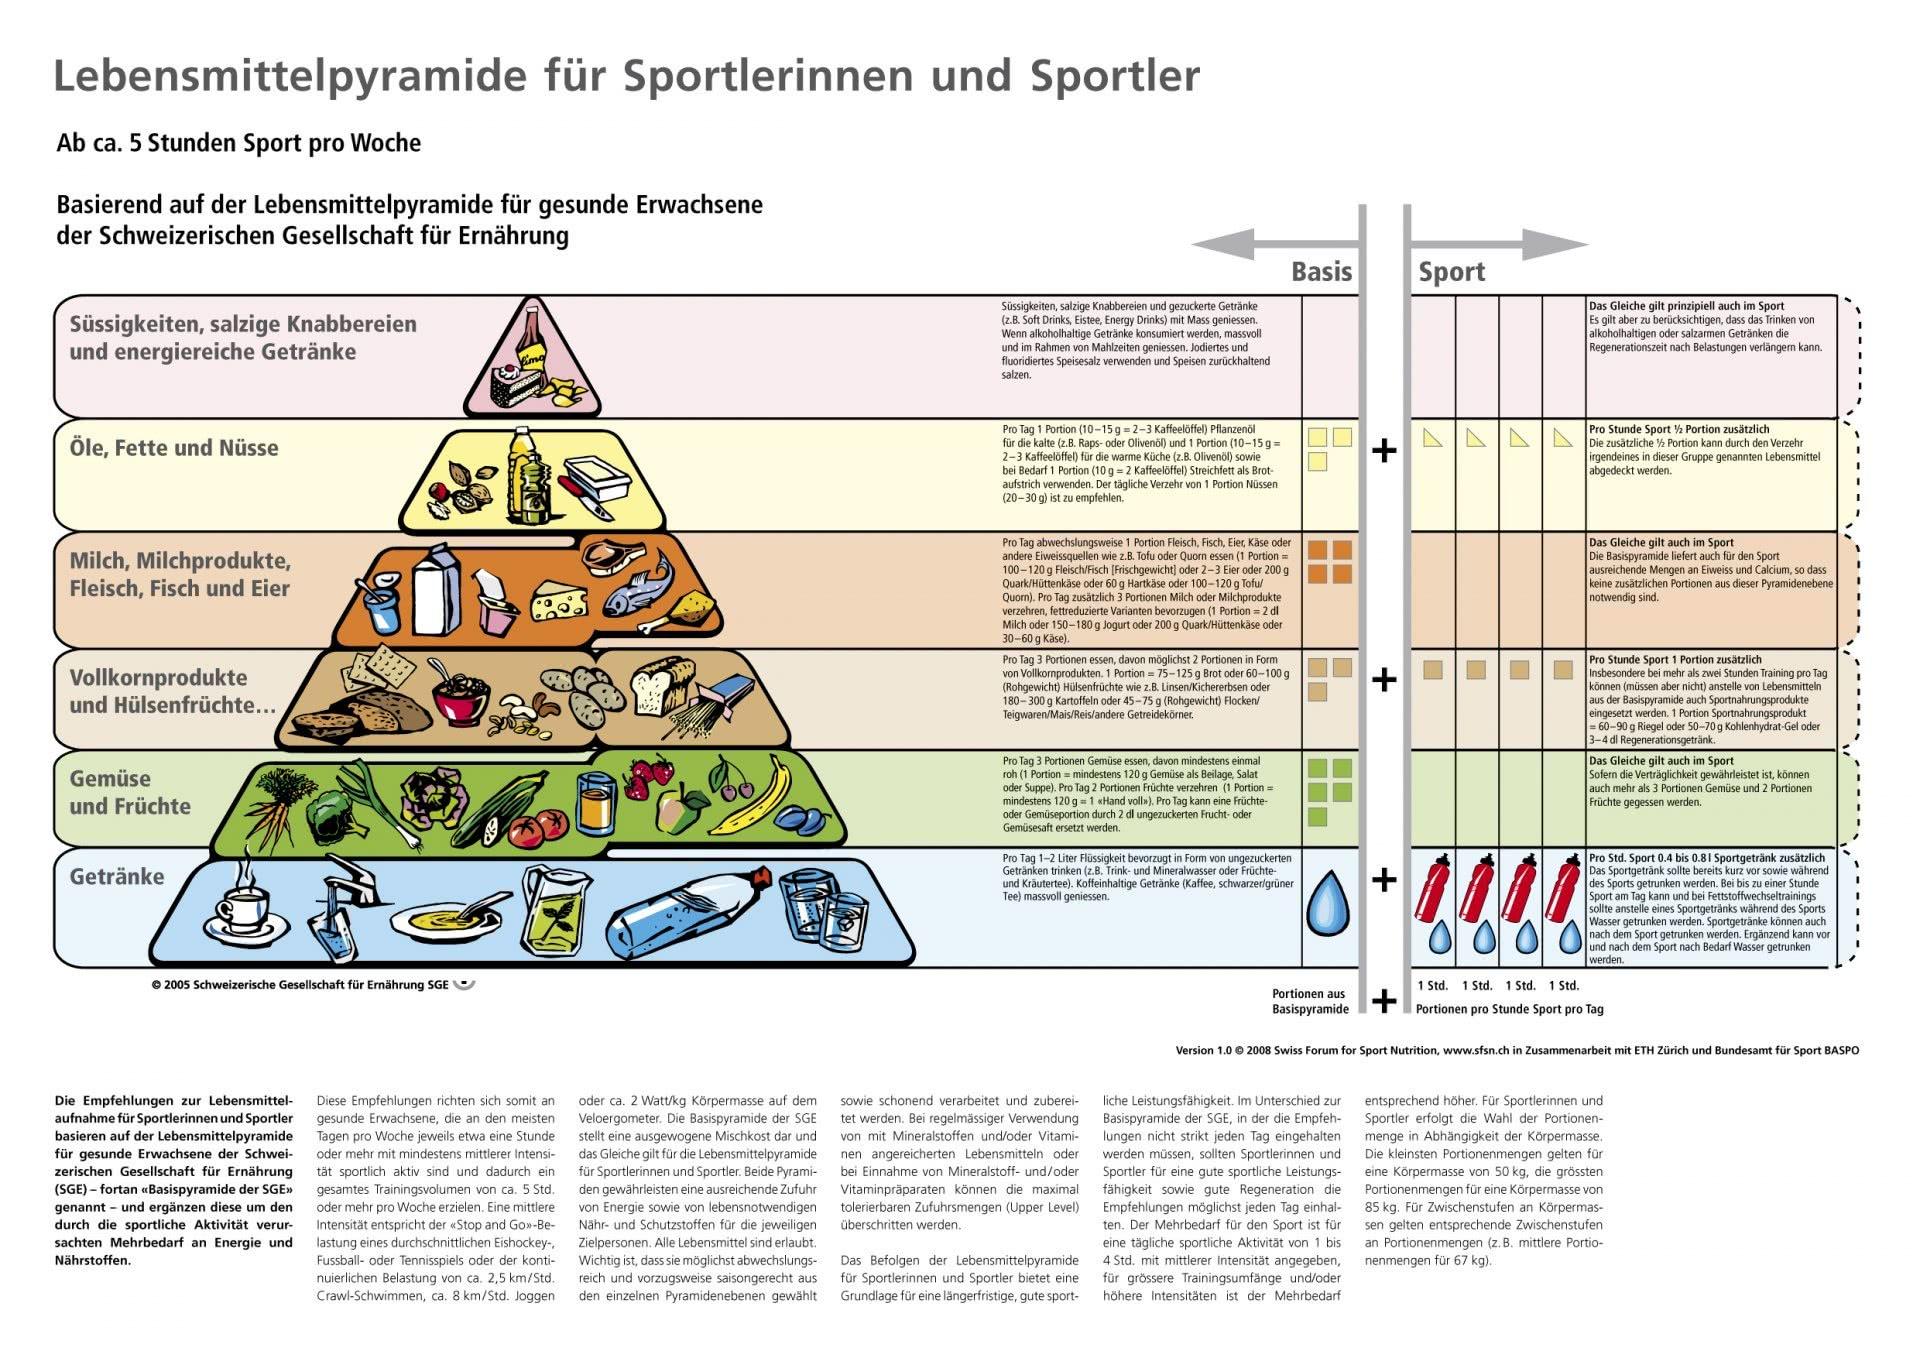 die Lebensmittelpyramide für Sportlerl/innen.